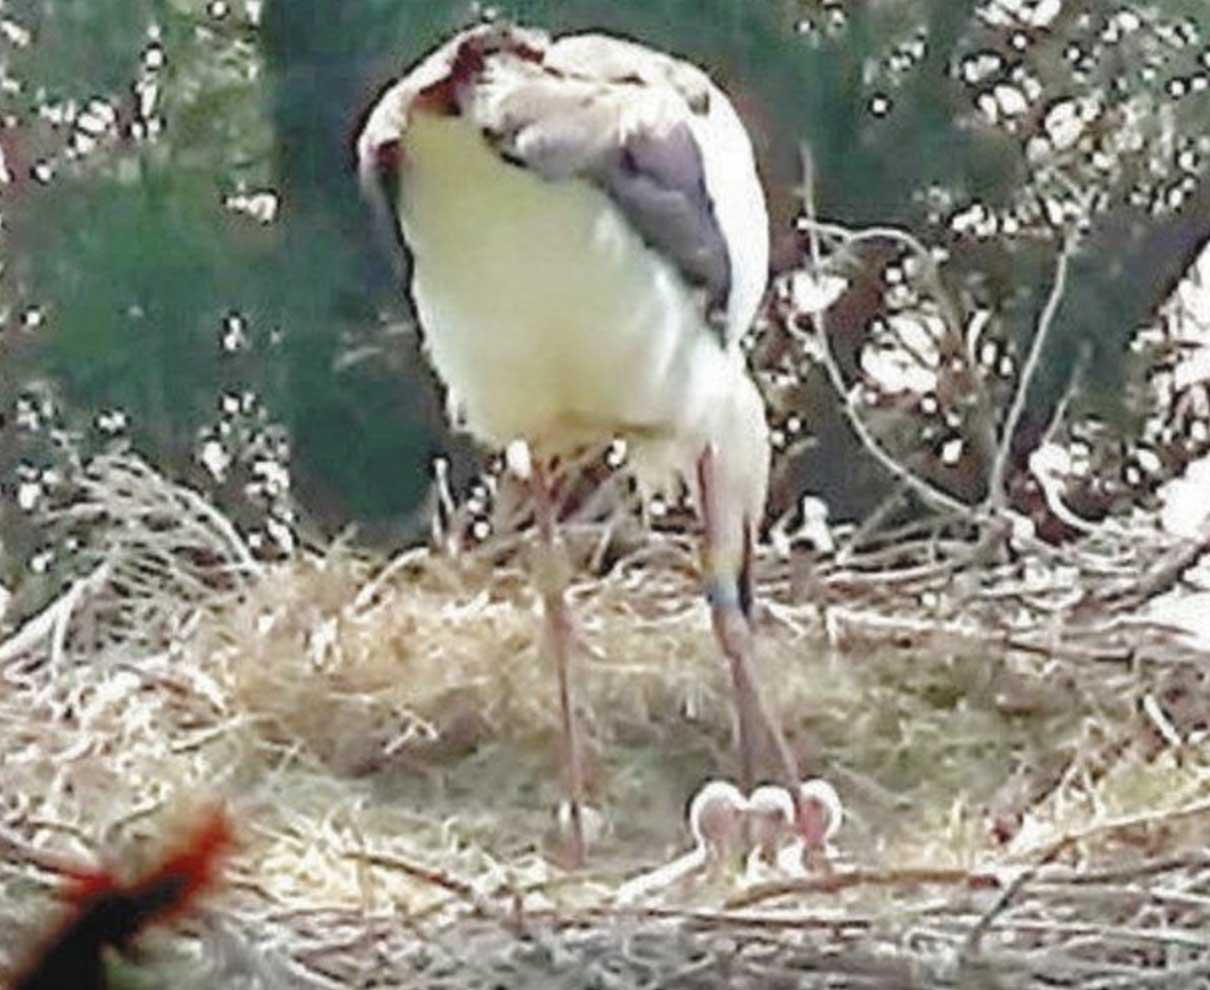 小浜でコウノトリひな誕生 57年ぶり、3羽ふ化